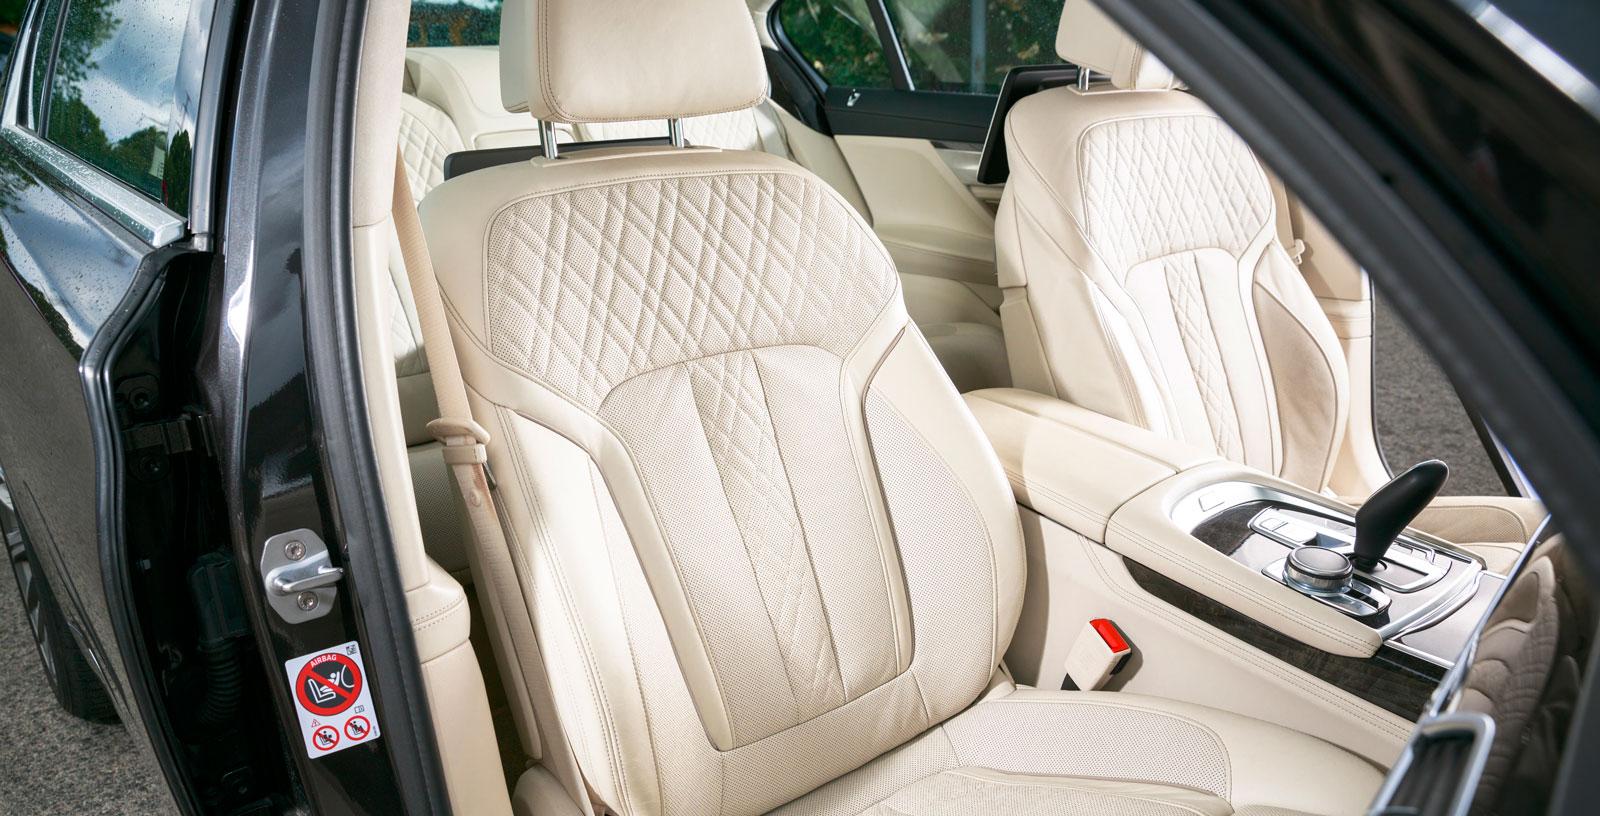 Testbilen var utrustad med ventilerade komfortstolar med massagefunktion för 21900 kronor samt nappaläder för 14500 kronor. Stoppningen är inte lika mjuk som i Mercedes, men BMW:s körställning är snäppet bättre.